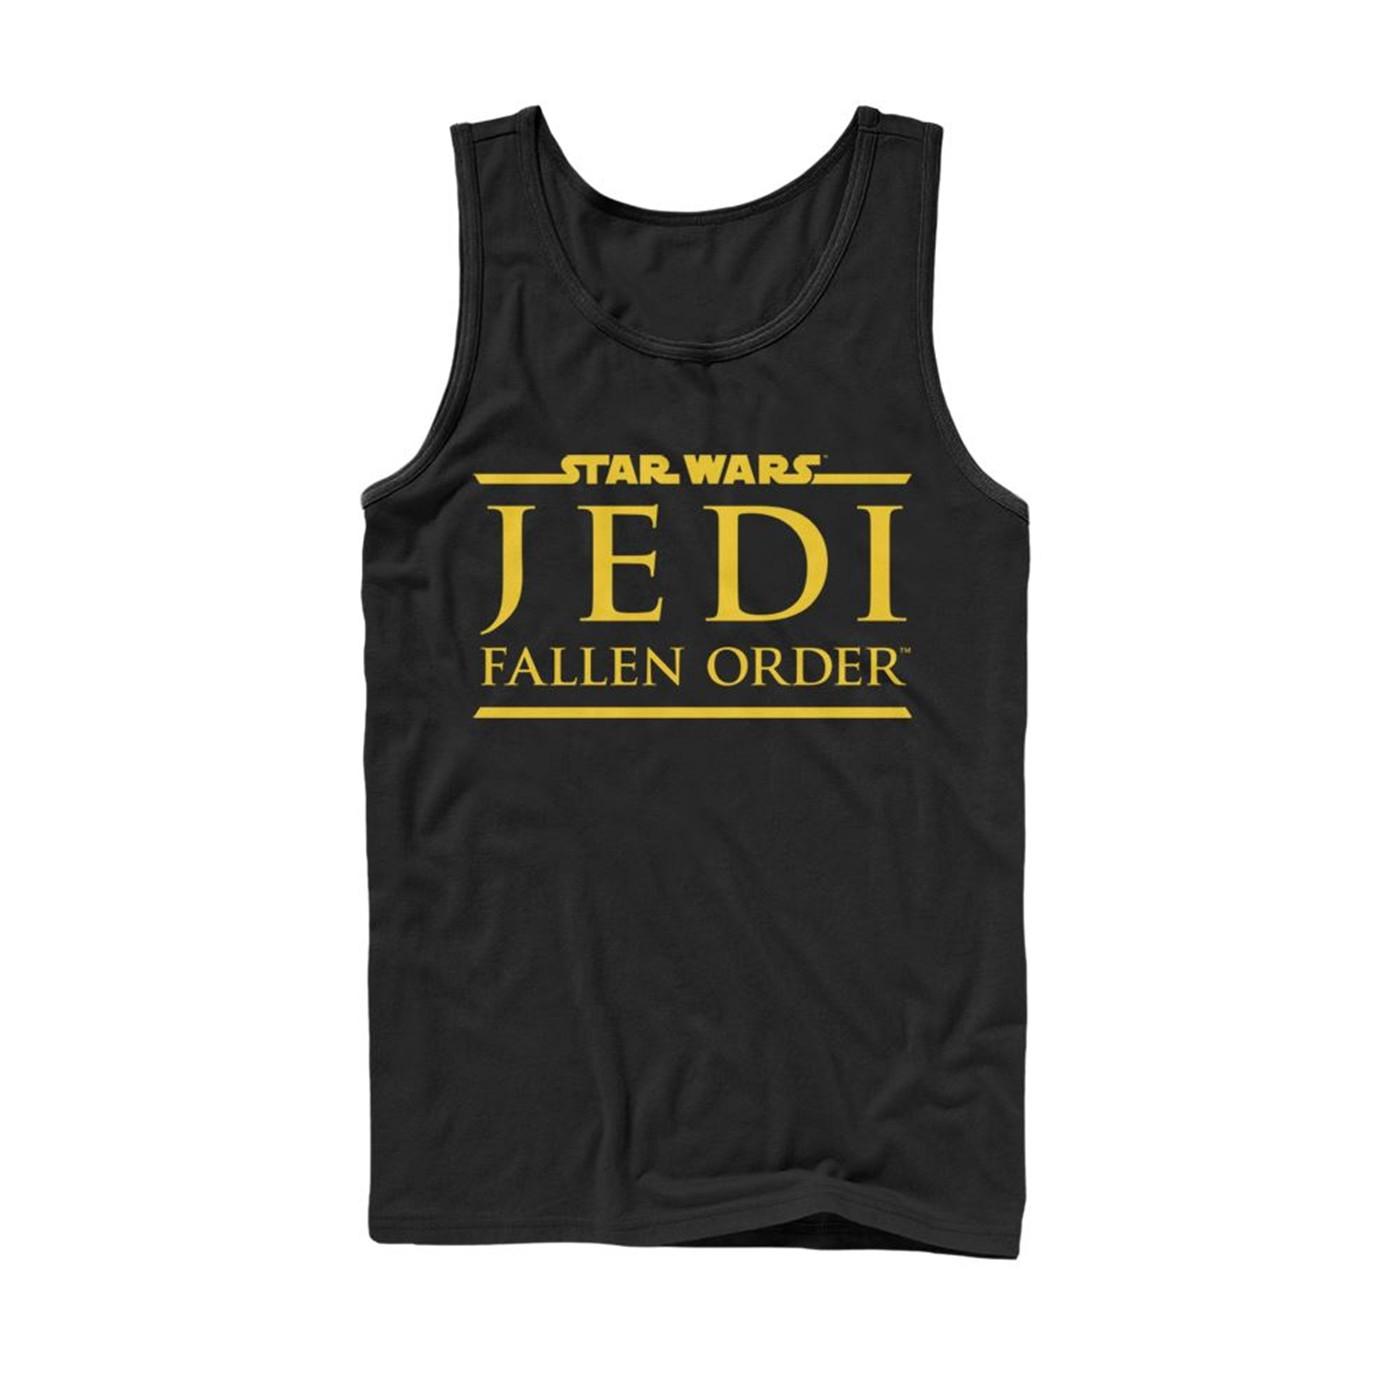 Star Wars Jedi Fallen Order Men's Tank Top